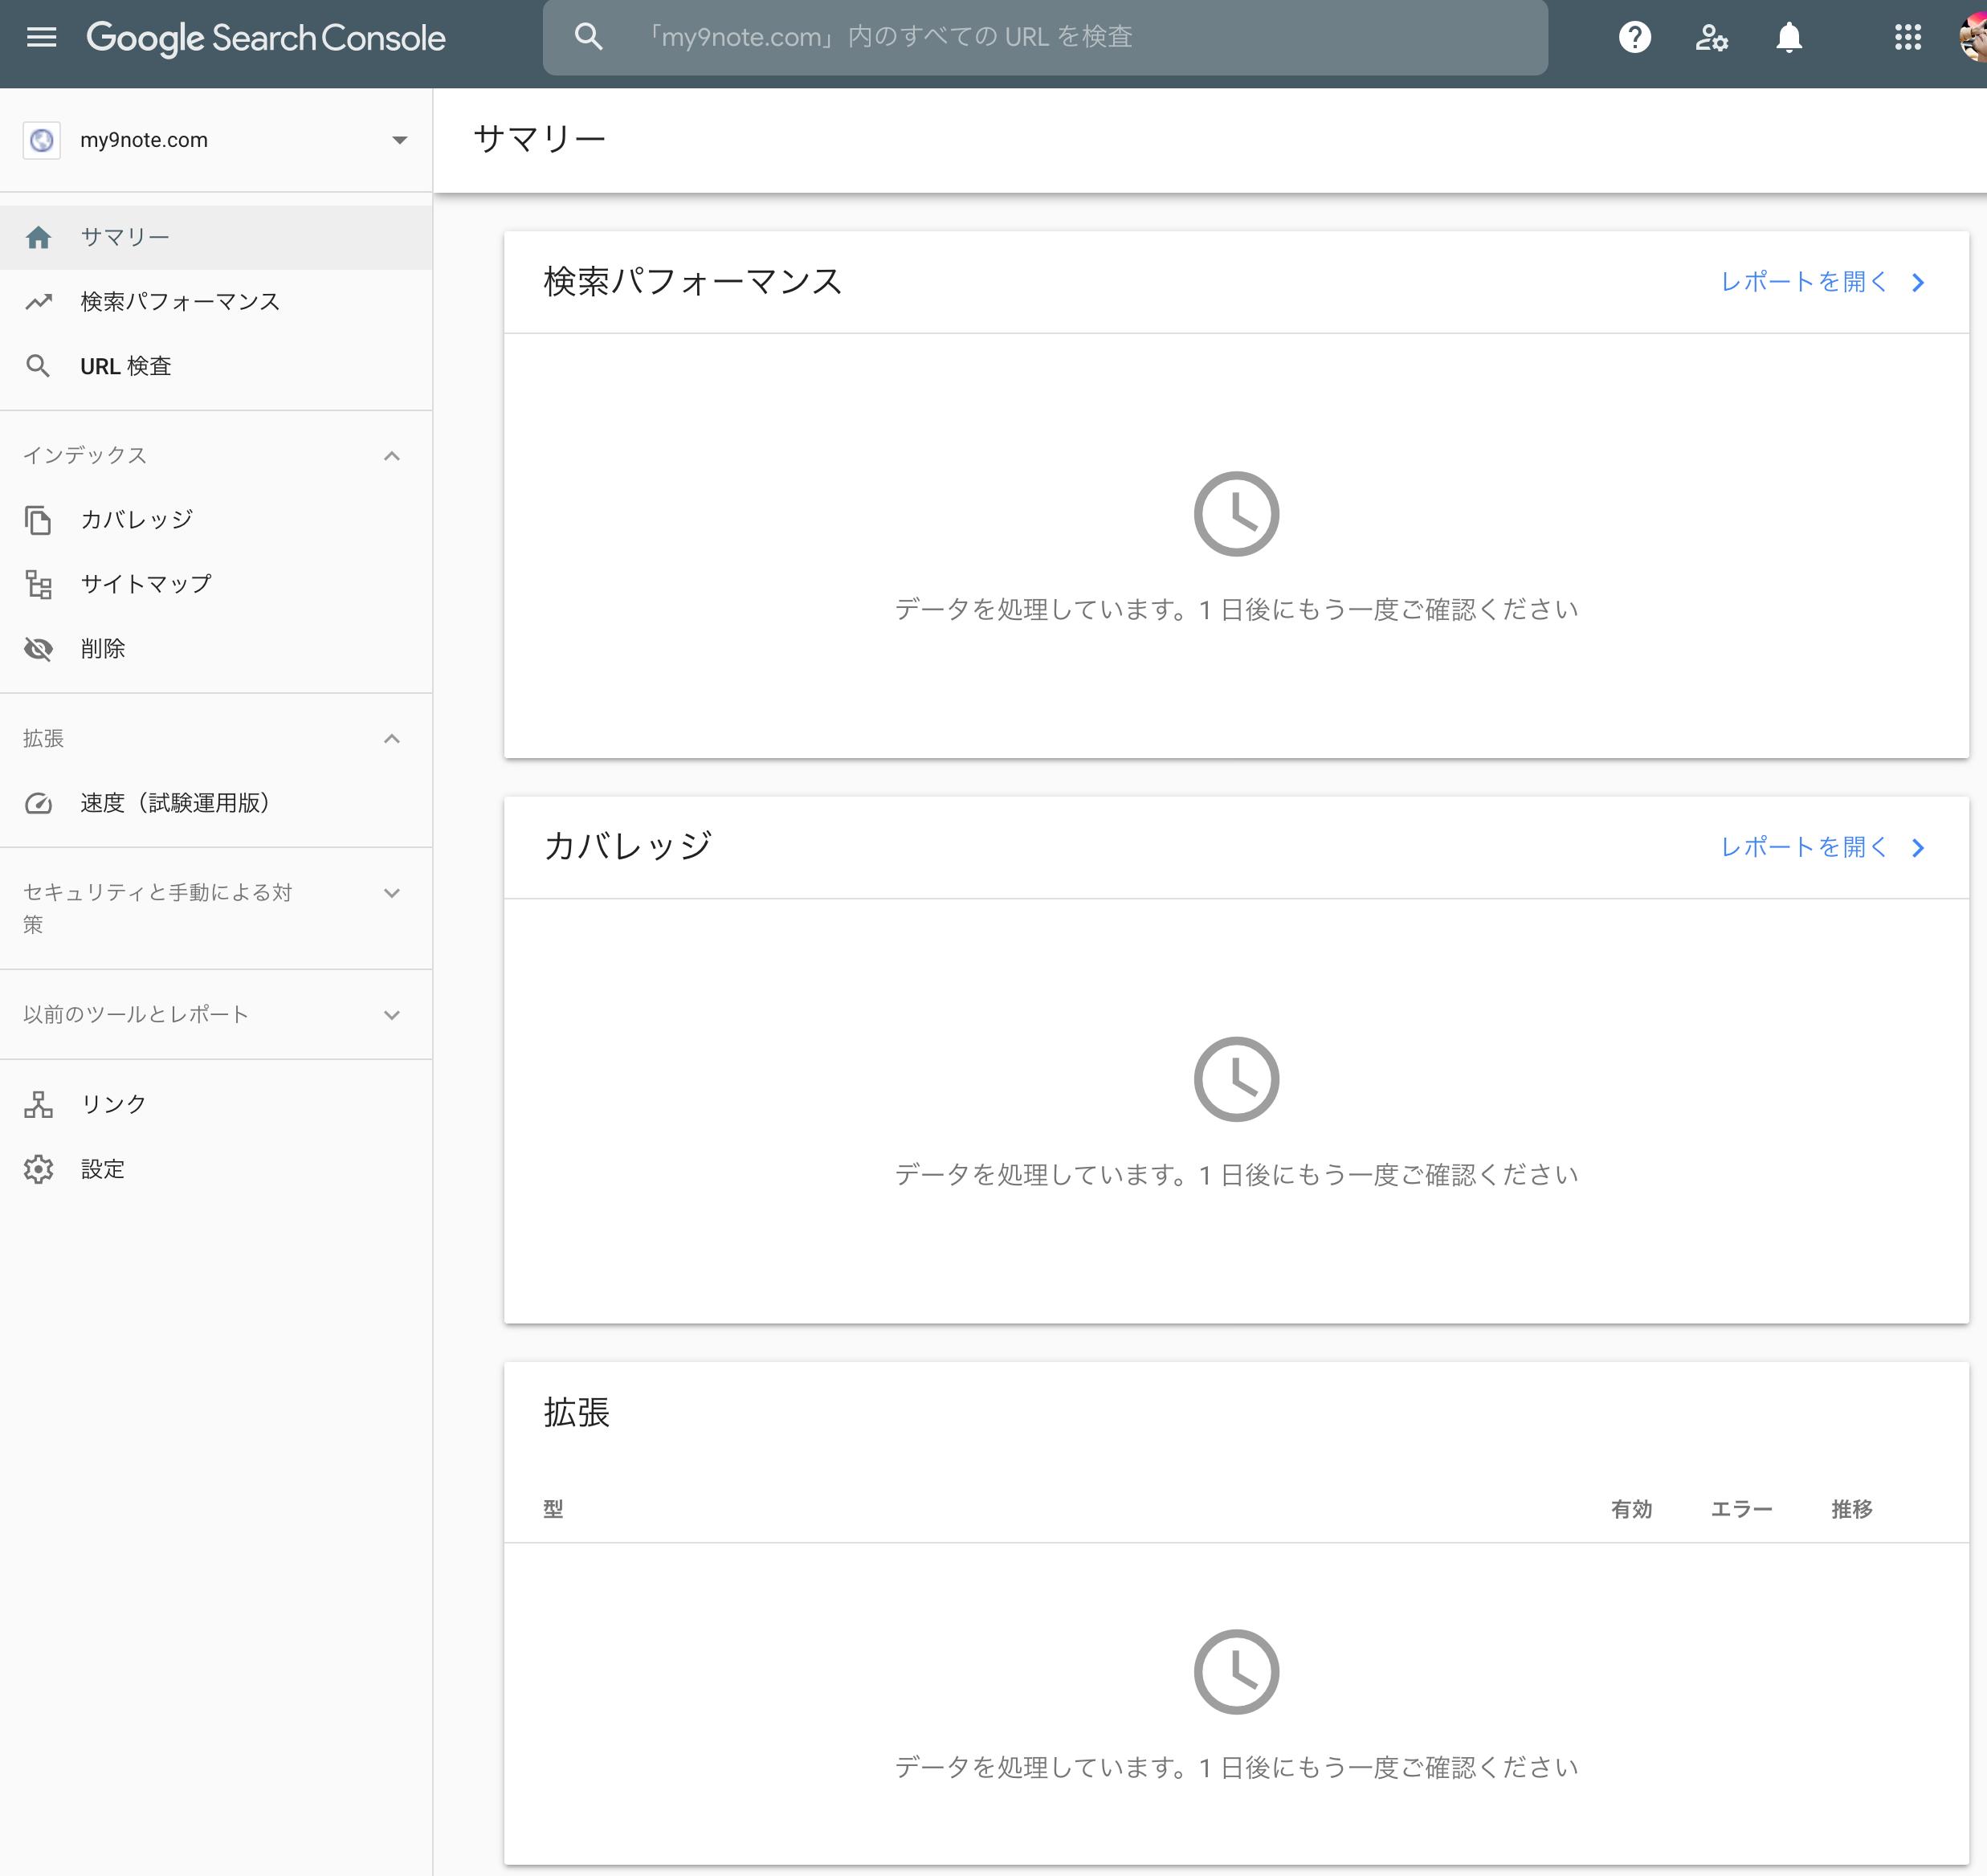 スクリーンショット 2020-05-21 20.15.31